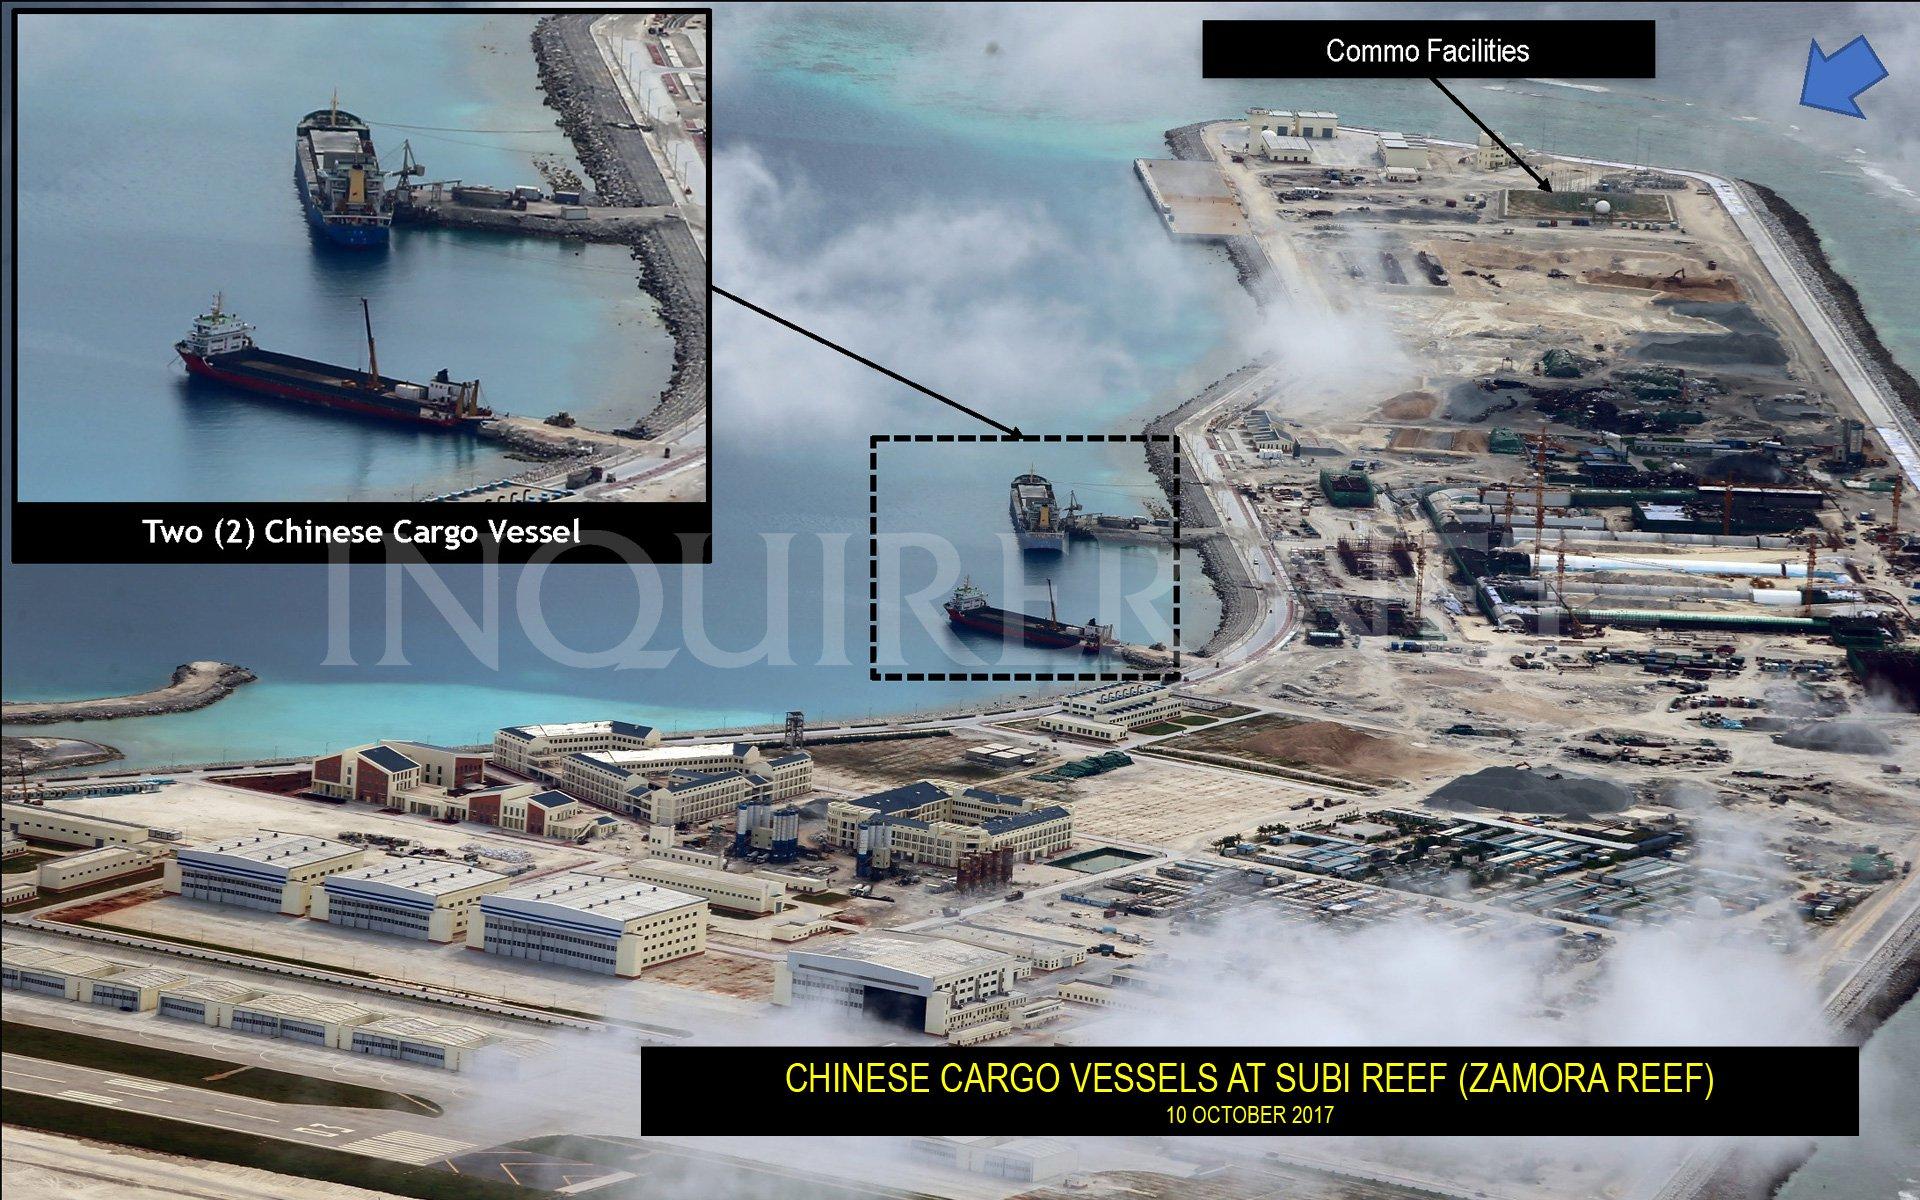 Tướng Trung Cộng đề nghị vũ trang các đảo tranh chấp ở Biển Đông